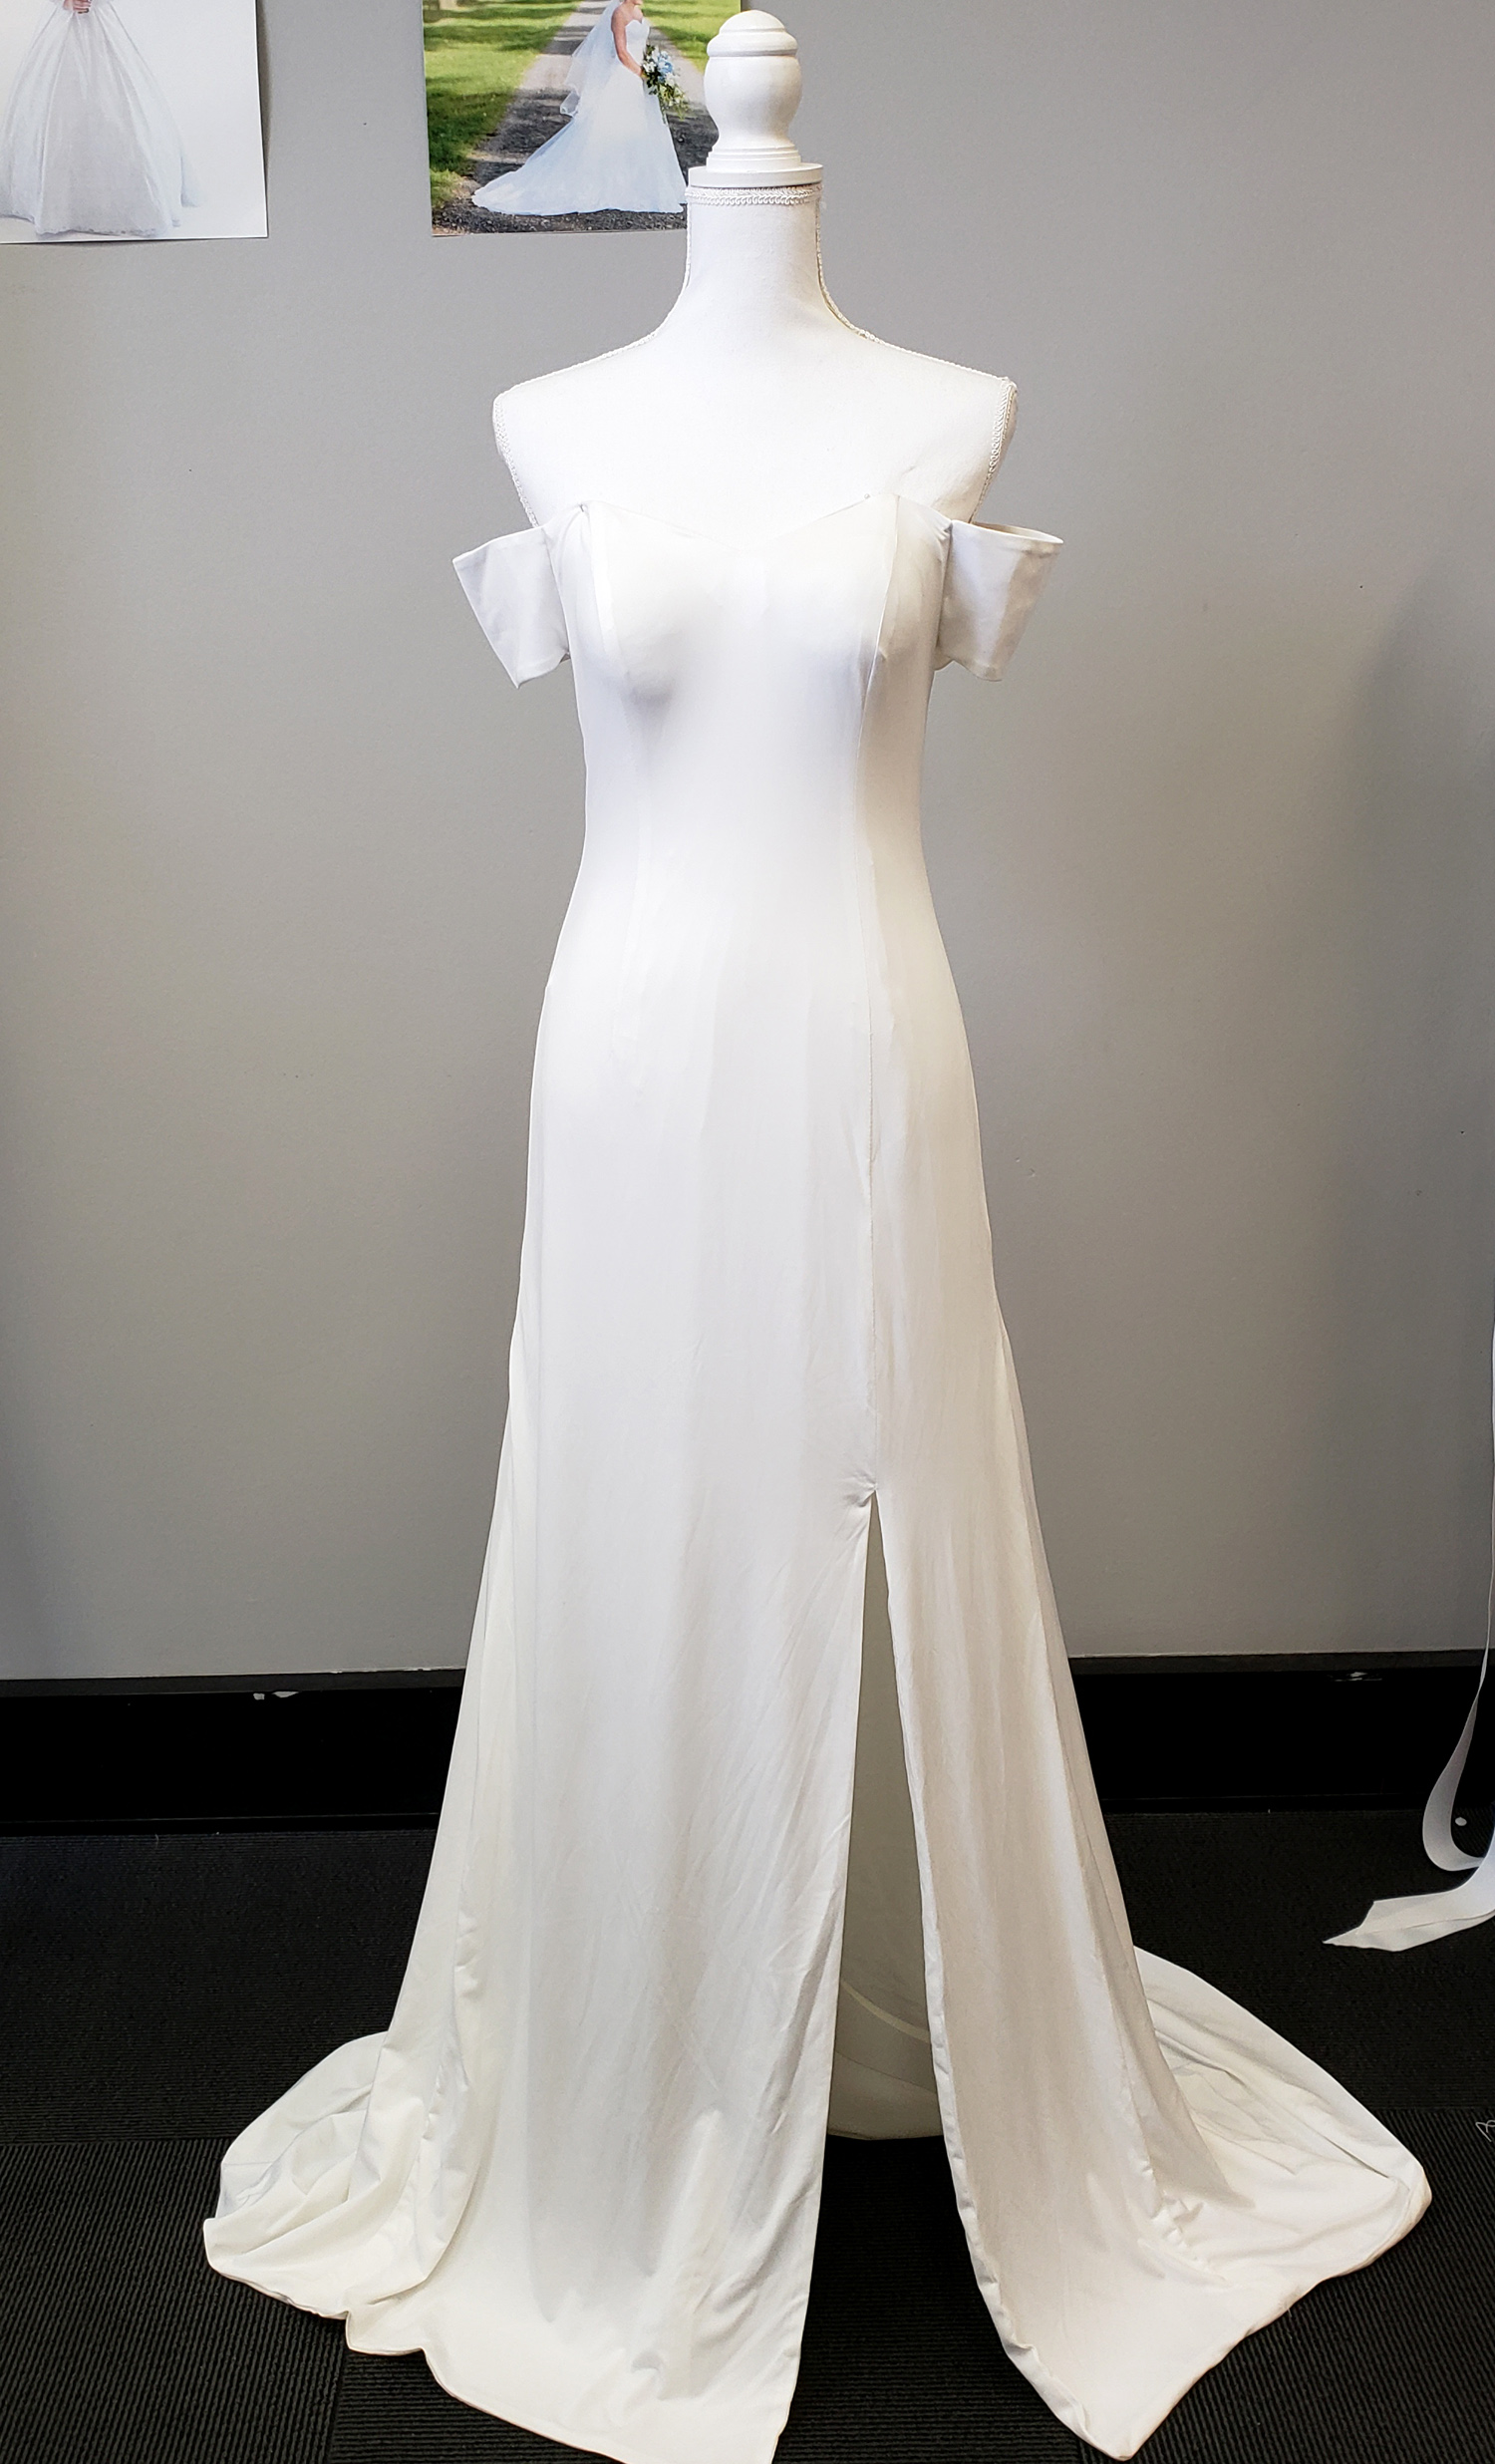 634f85e94e5d Cleo Stretch Satin Plain Wedding Dress - WeddingOutlet.com.au